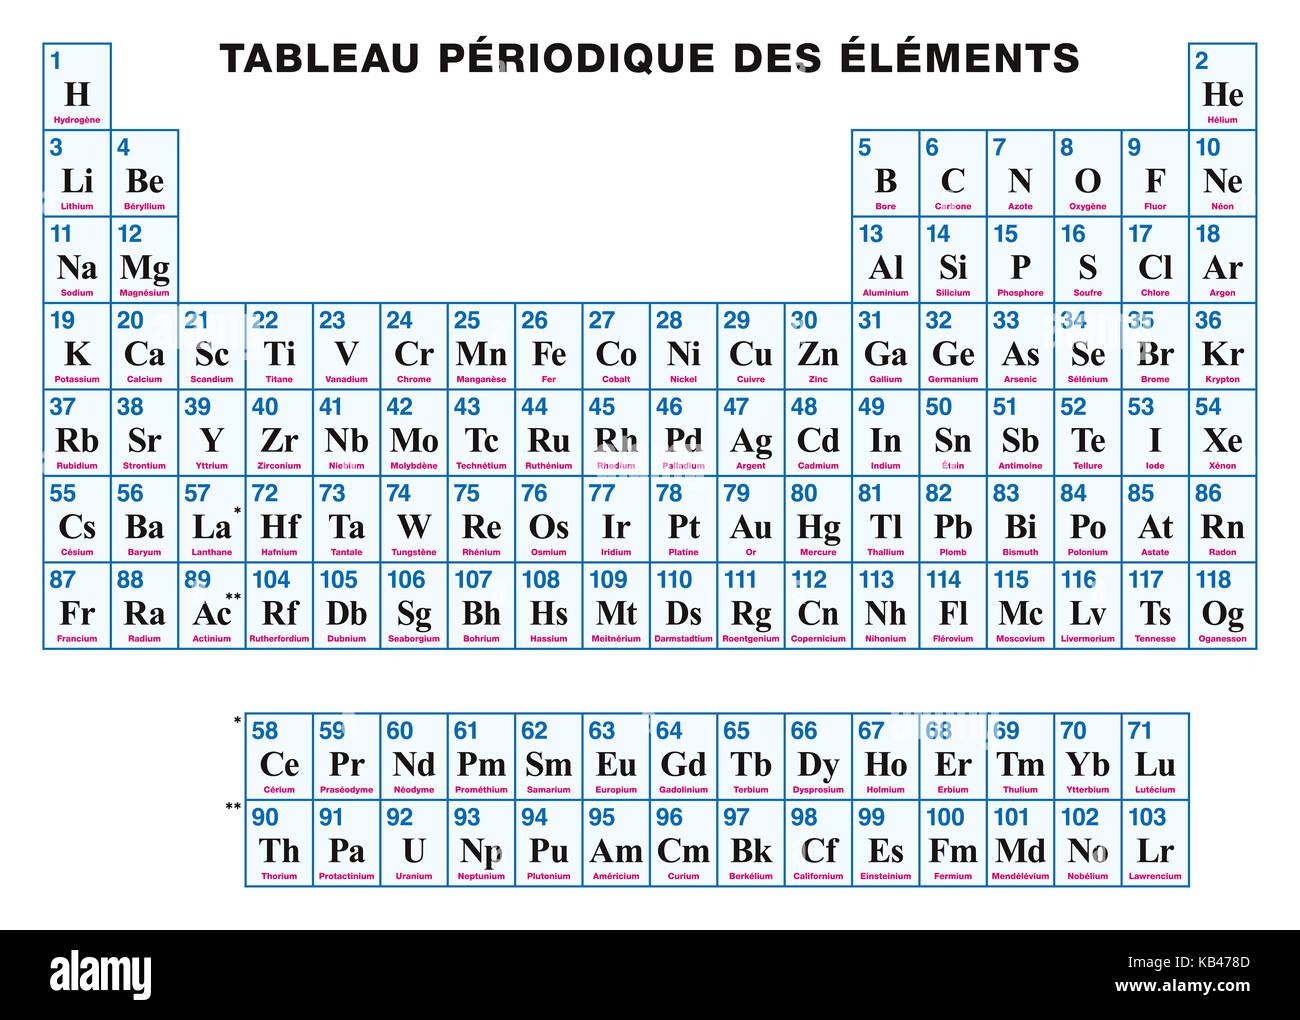 Tabla peridica de los elementos francs disposicin tabular de tabla peridica de los elementos francs disposicin tabular de los elementos qumicos con sus nmeros atmicos smbolos y nombres urtaz Image collections